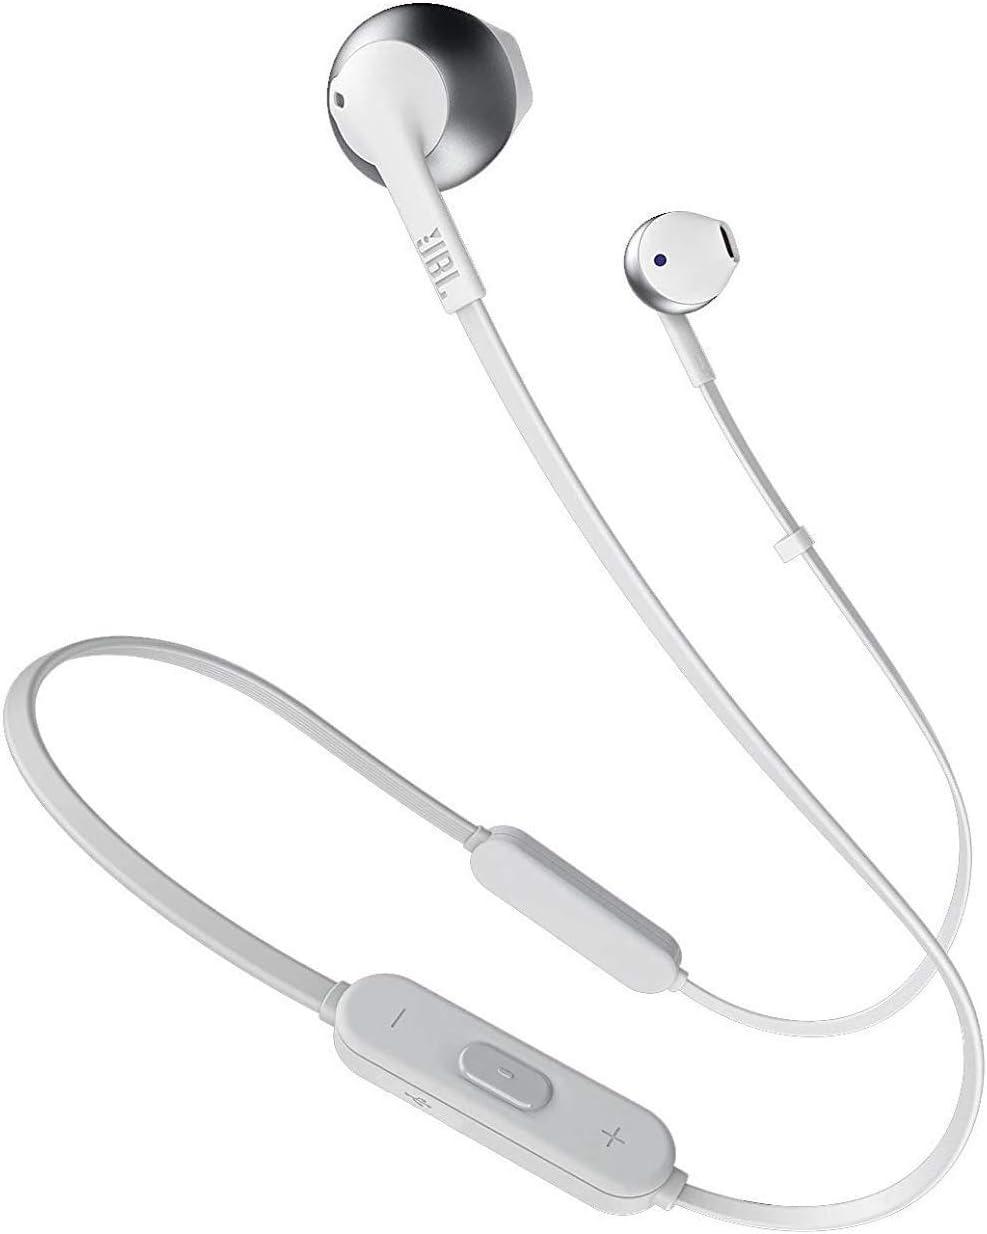 JBL Tune 205BT – Auriculares Inalámbricos Intraurales con micrófono y mando a distancia con 3 botones – Función de manos libres y diseño ergonómico con cable sin enredos – Color plata